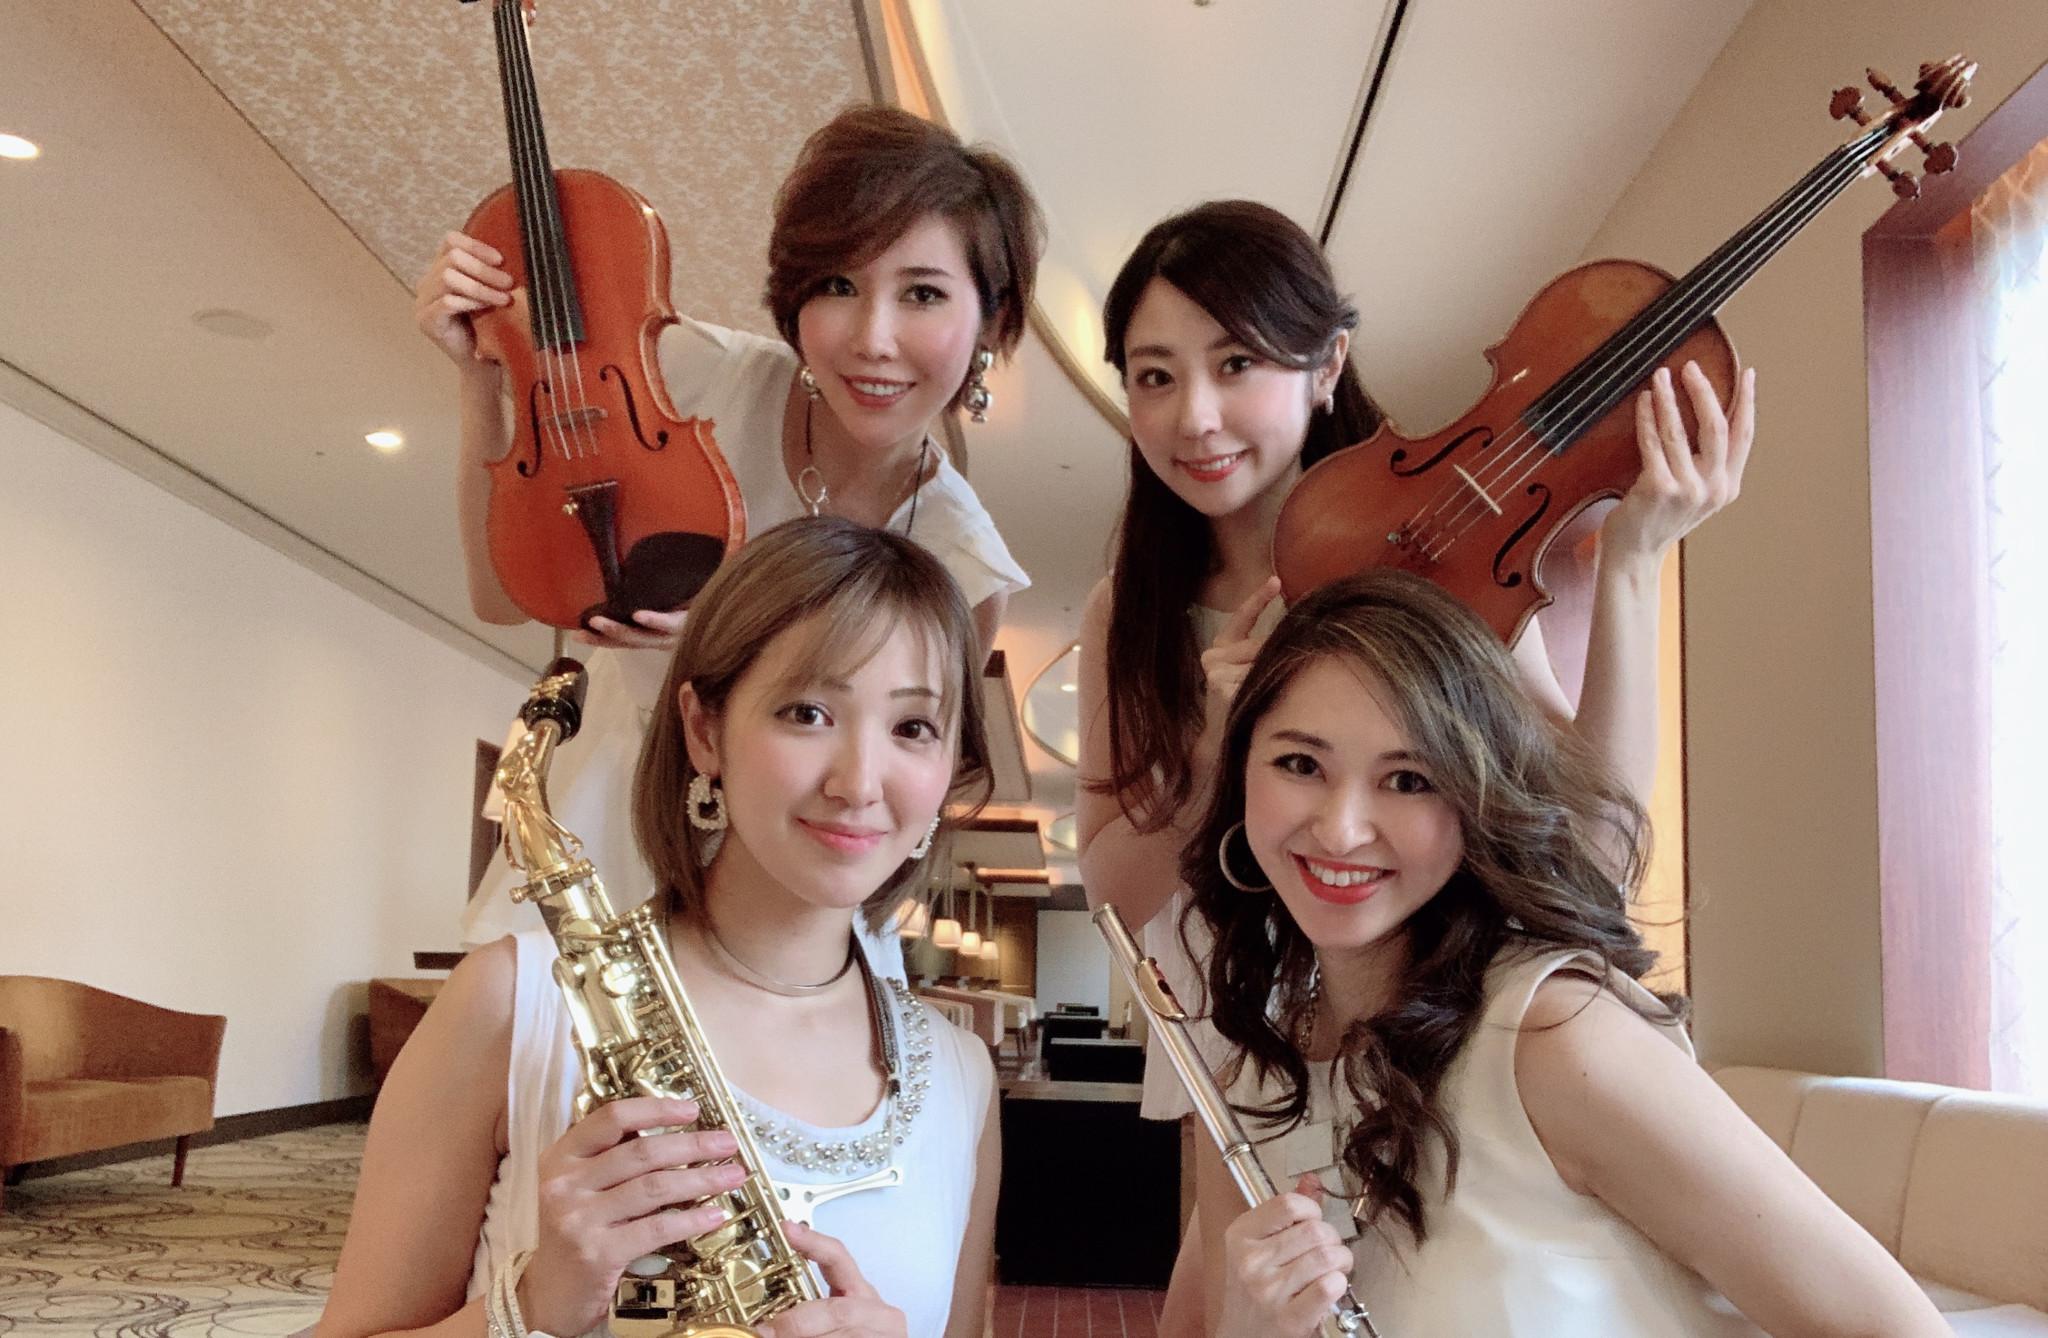 美人演奏家の余興演奏は人気があります